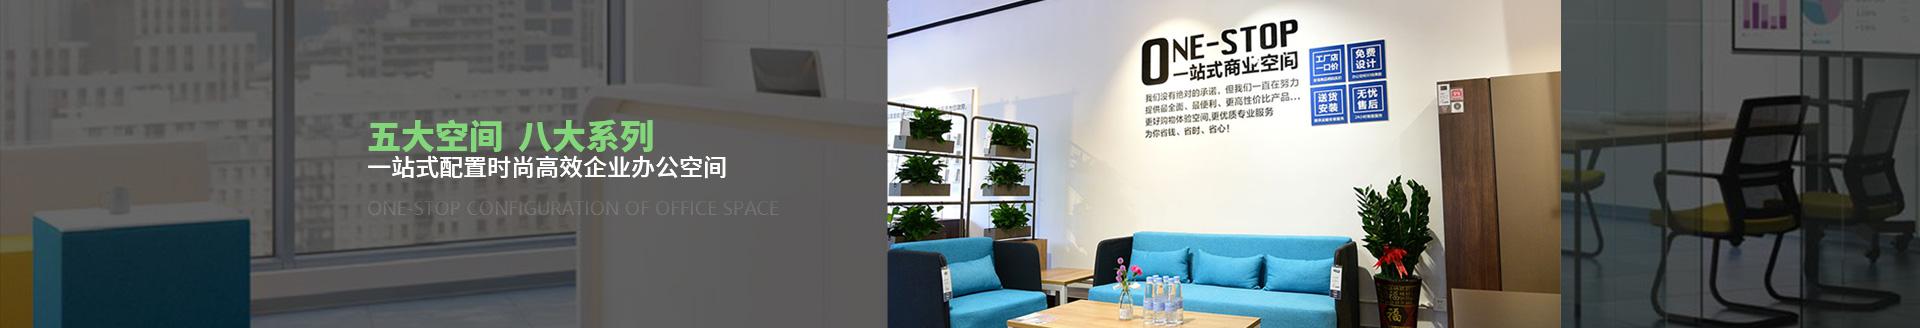 伟豪家具一站式配置时尚企业办公空间